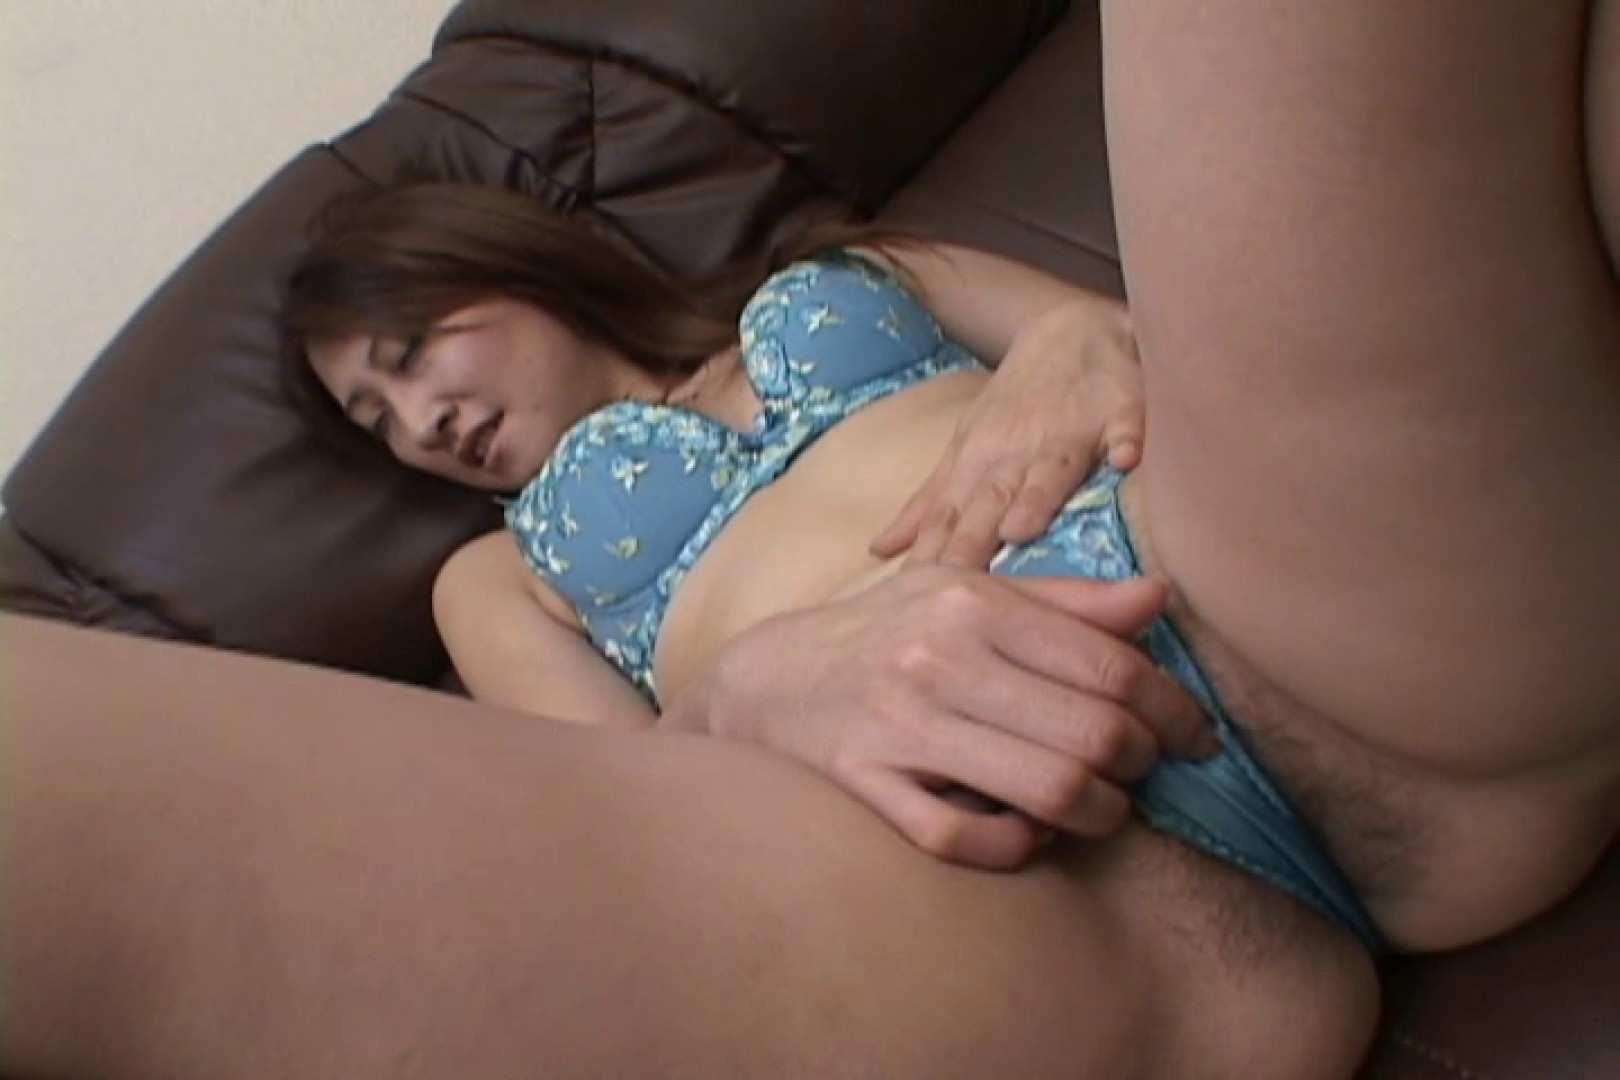 オナニー好きの綺麗なお姉さんと楽しくSEX~姫野あかね~ 企画 覗きおまんこ画像 83枚 65